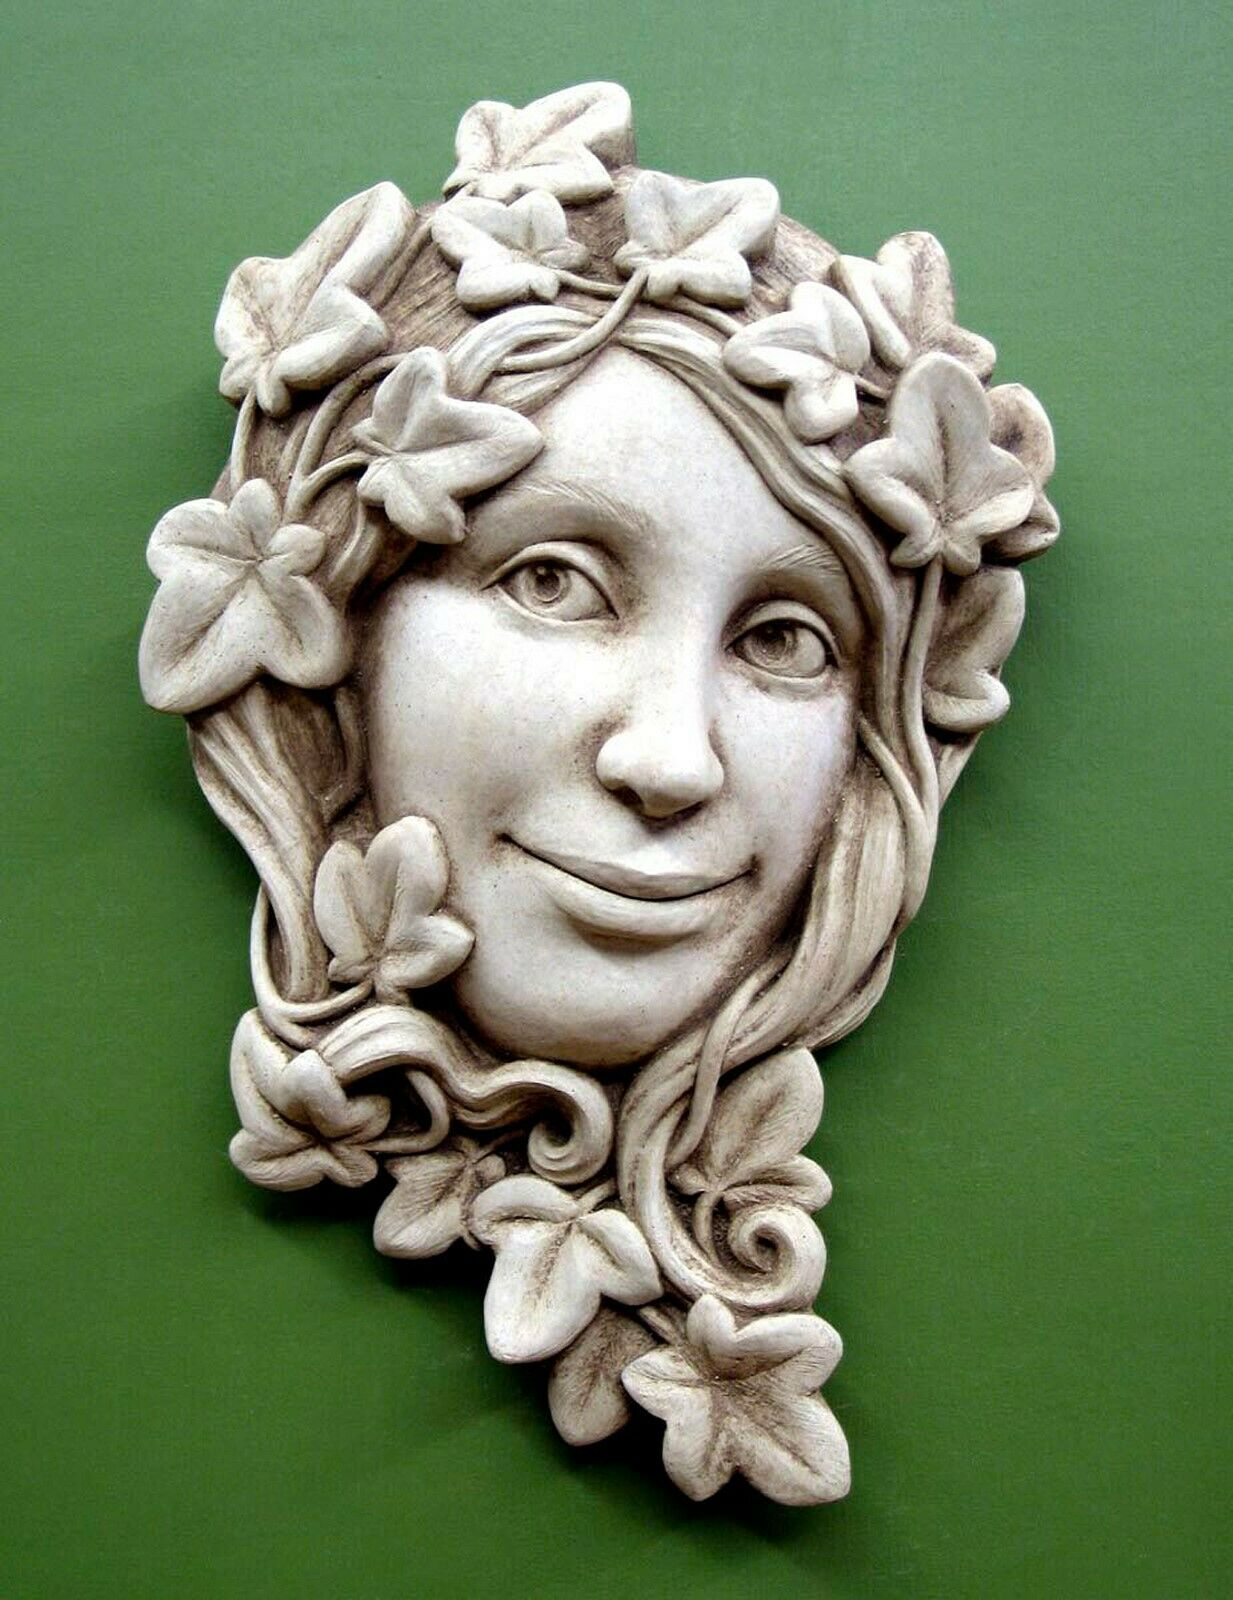 Placas De Jardín -  La hiedra Maiden  muro de piedra Escultura edad acabado de piedra